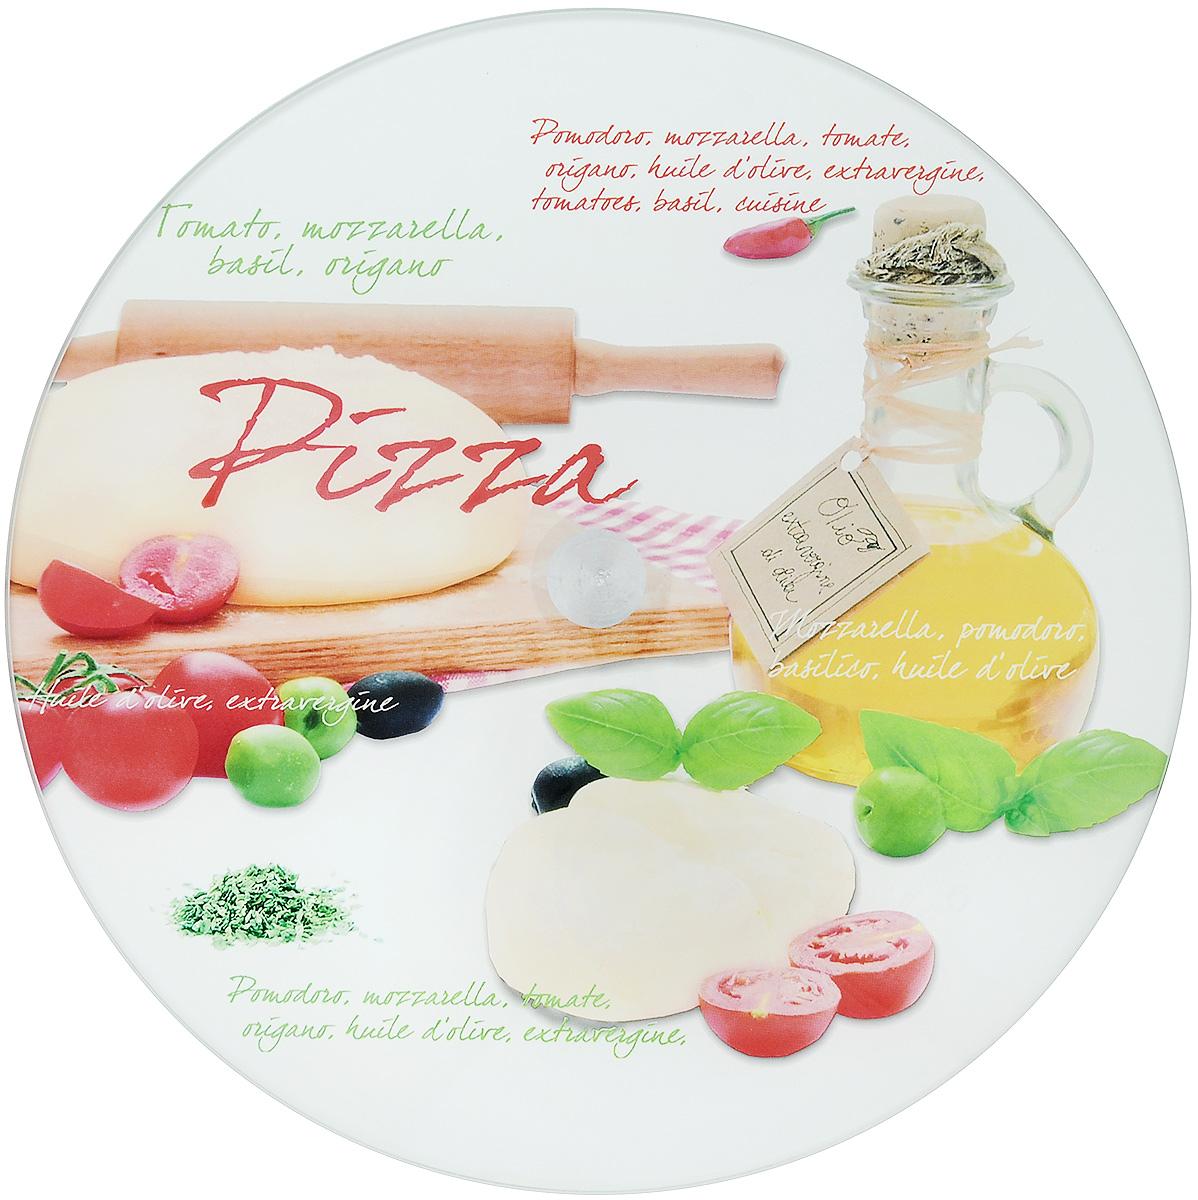 Блюдо для пиццы Арт-Дон, вращающееся, диаметр 30 смАР-ВБП01ПКруглое блюдо для торта Арт-Дон изготовлено из стекла и оформлено яркими рисунками и надписями. Блюдо прекрасно подходит для подачи пицц, тортов, пирогов и пирожных. Изделие оснащено ножкой с вращающим механизмом.Изысканное оригинальное блюдо прекрасно подойдет для сервировки стола и удивит ваших гостей необычной формой и дизайном.Диаметр блюда: 30 см.Высота блюда: 2 см.